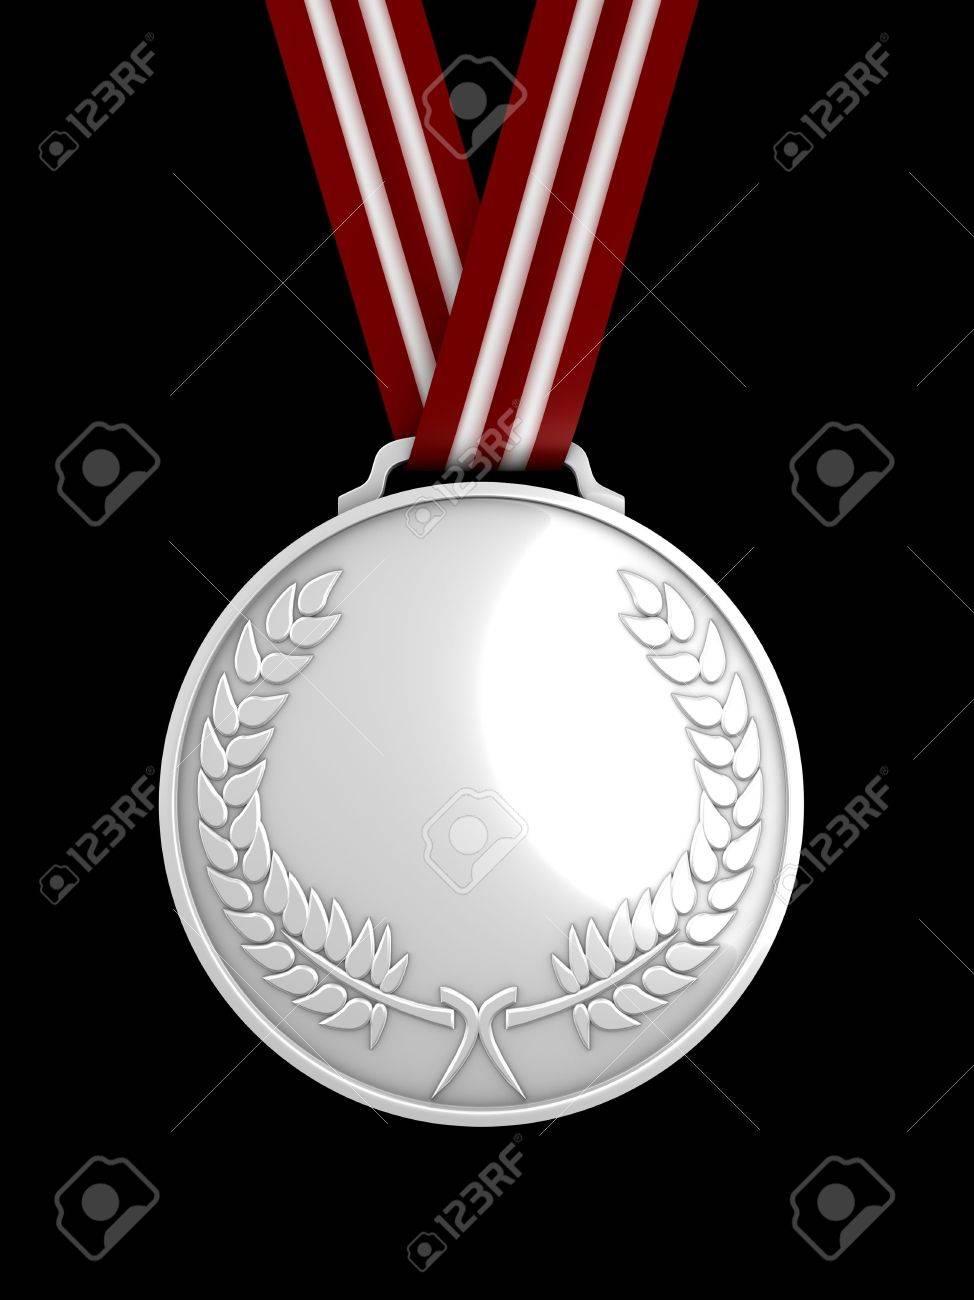 3d image, shinysilver medal Stock Photo - 3508209